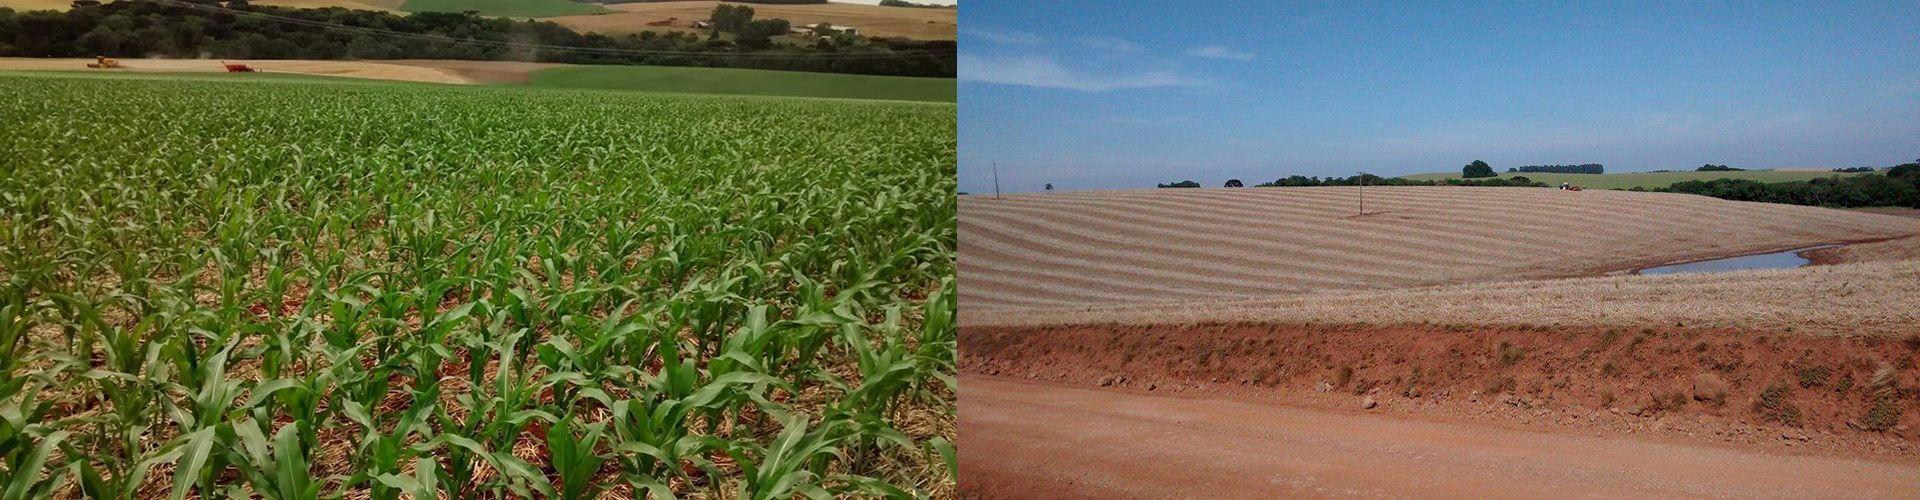 Lavoro Dametto – Plantação de milho. Tapejara, RS | Plantação de soja. Ciríaco, RS |fotos de Mateus Dametto